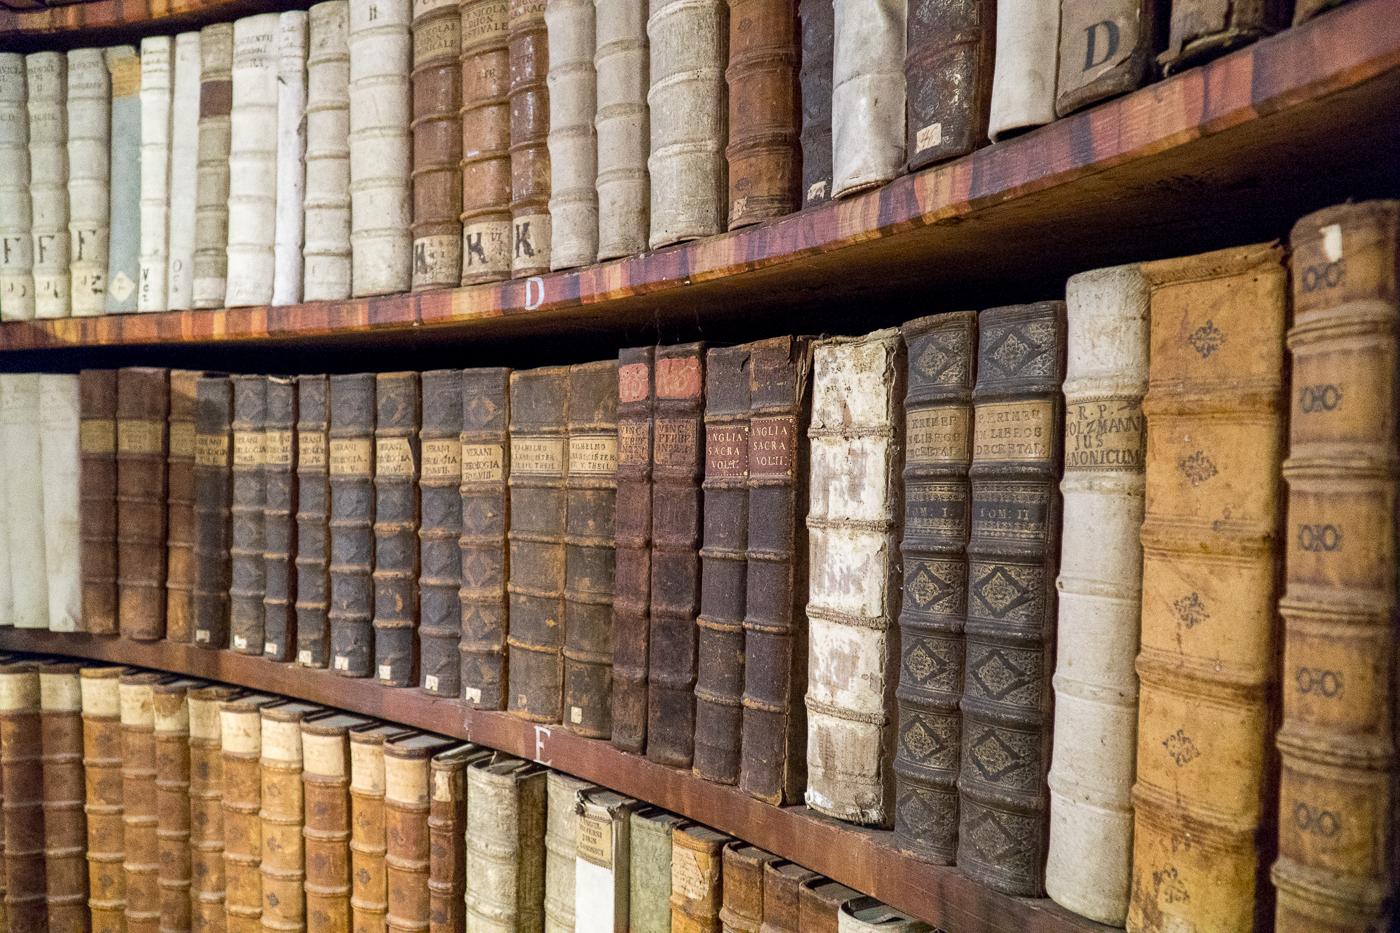 Livres sur les tablettes de la bibliothèque du Stift Rein